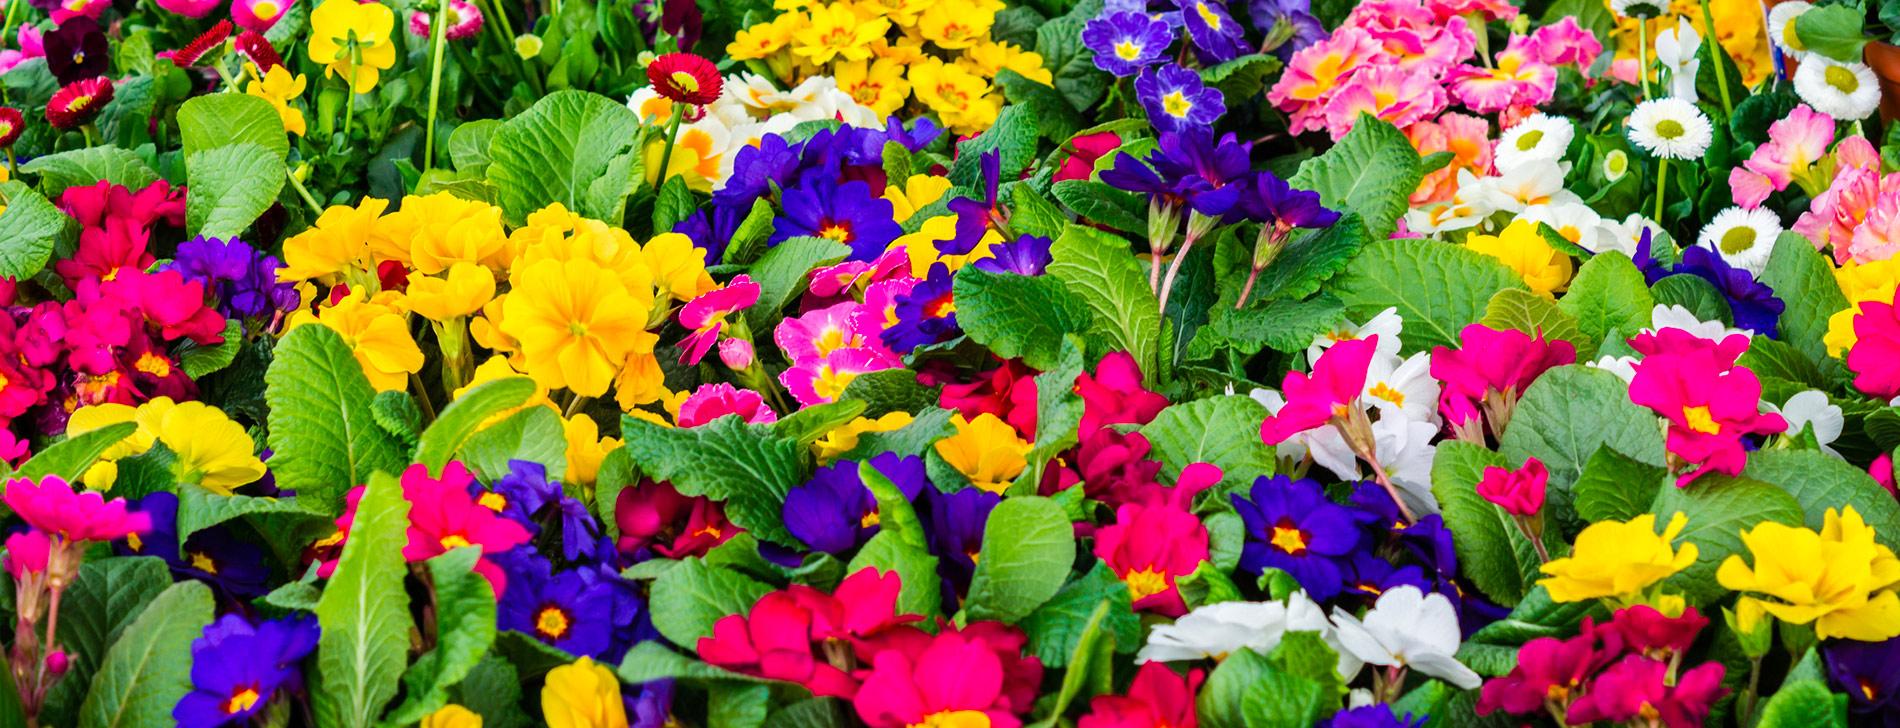 Décoration florale à la jardinerie André à Rodez